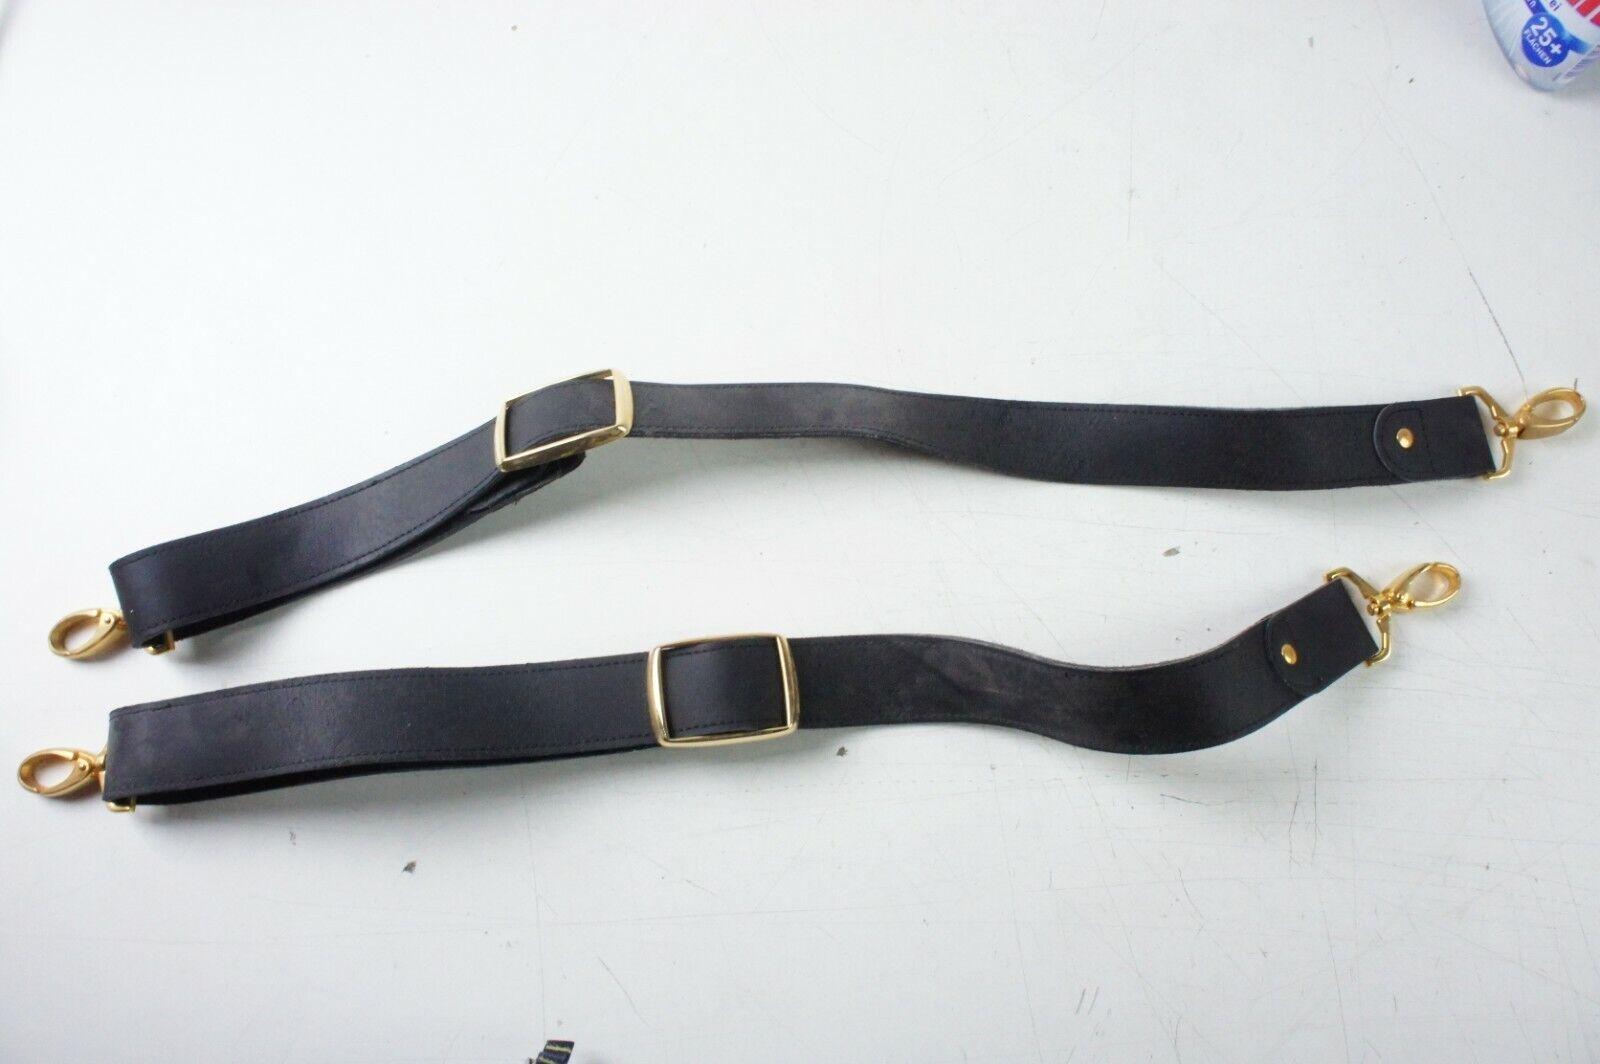 2 Lederbänder Riemen mit Schnallen Verschlüssen Goldfarbig Umhängeriemen Z-2051